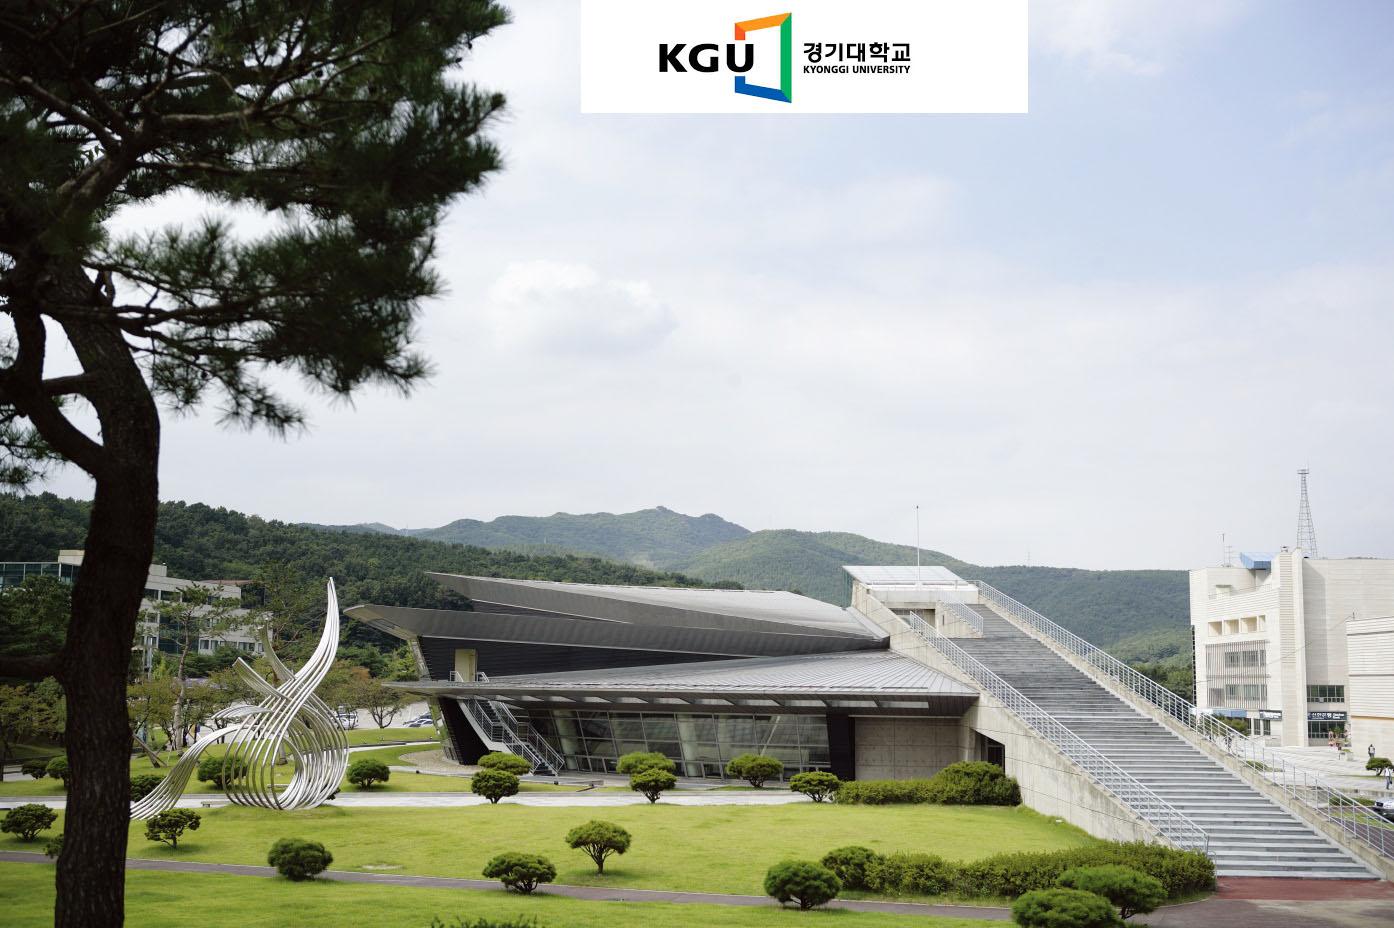 Học bổng du học Hàn Quốc trường Kyonggi University